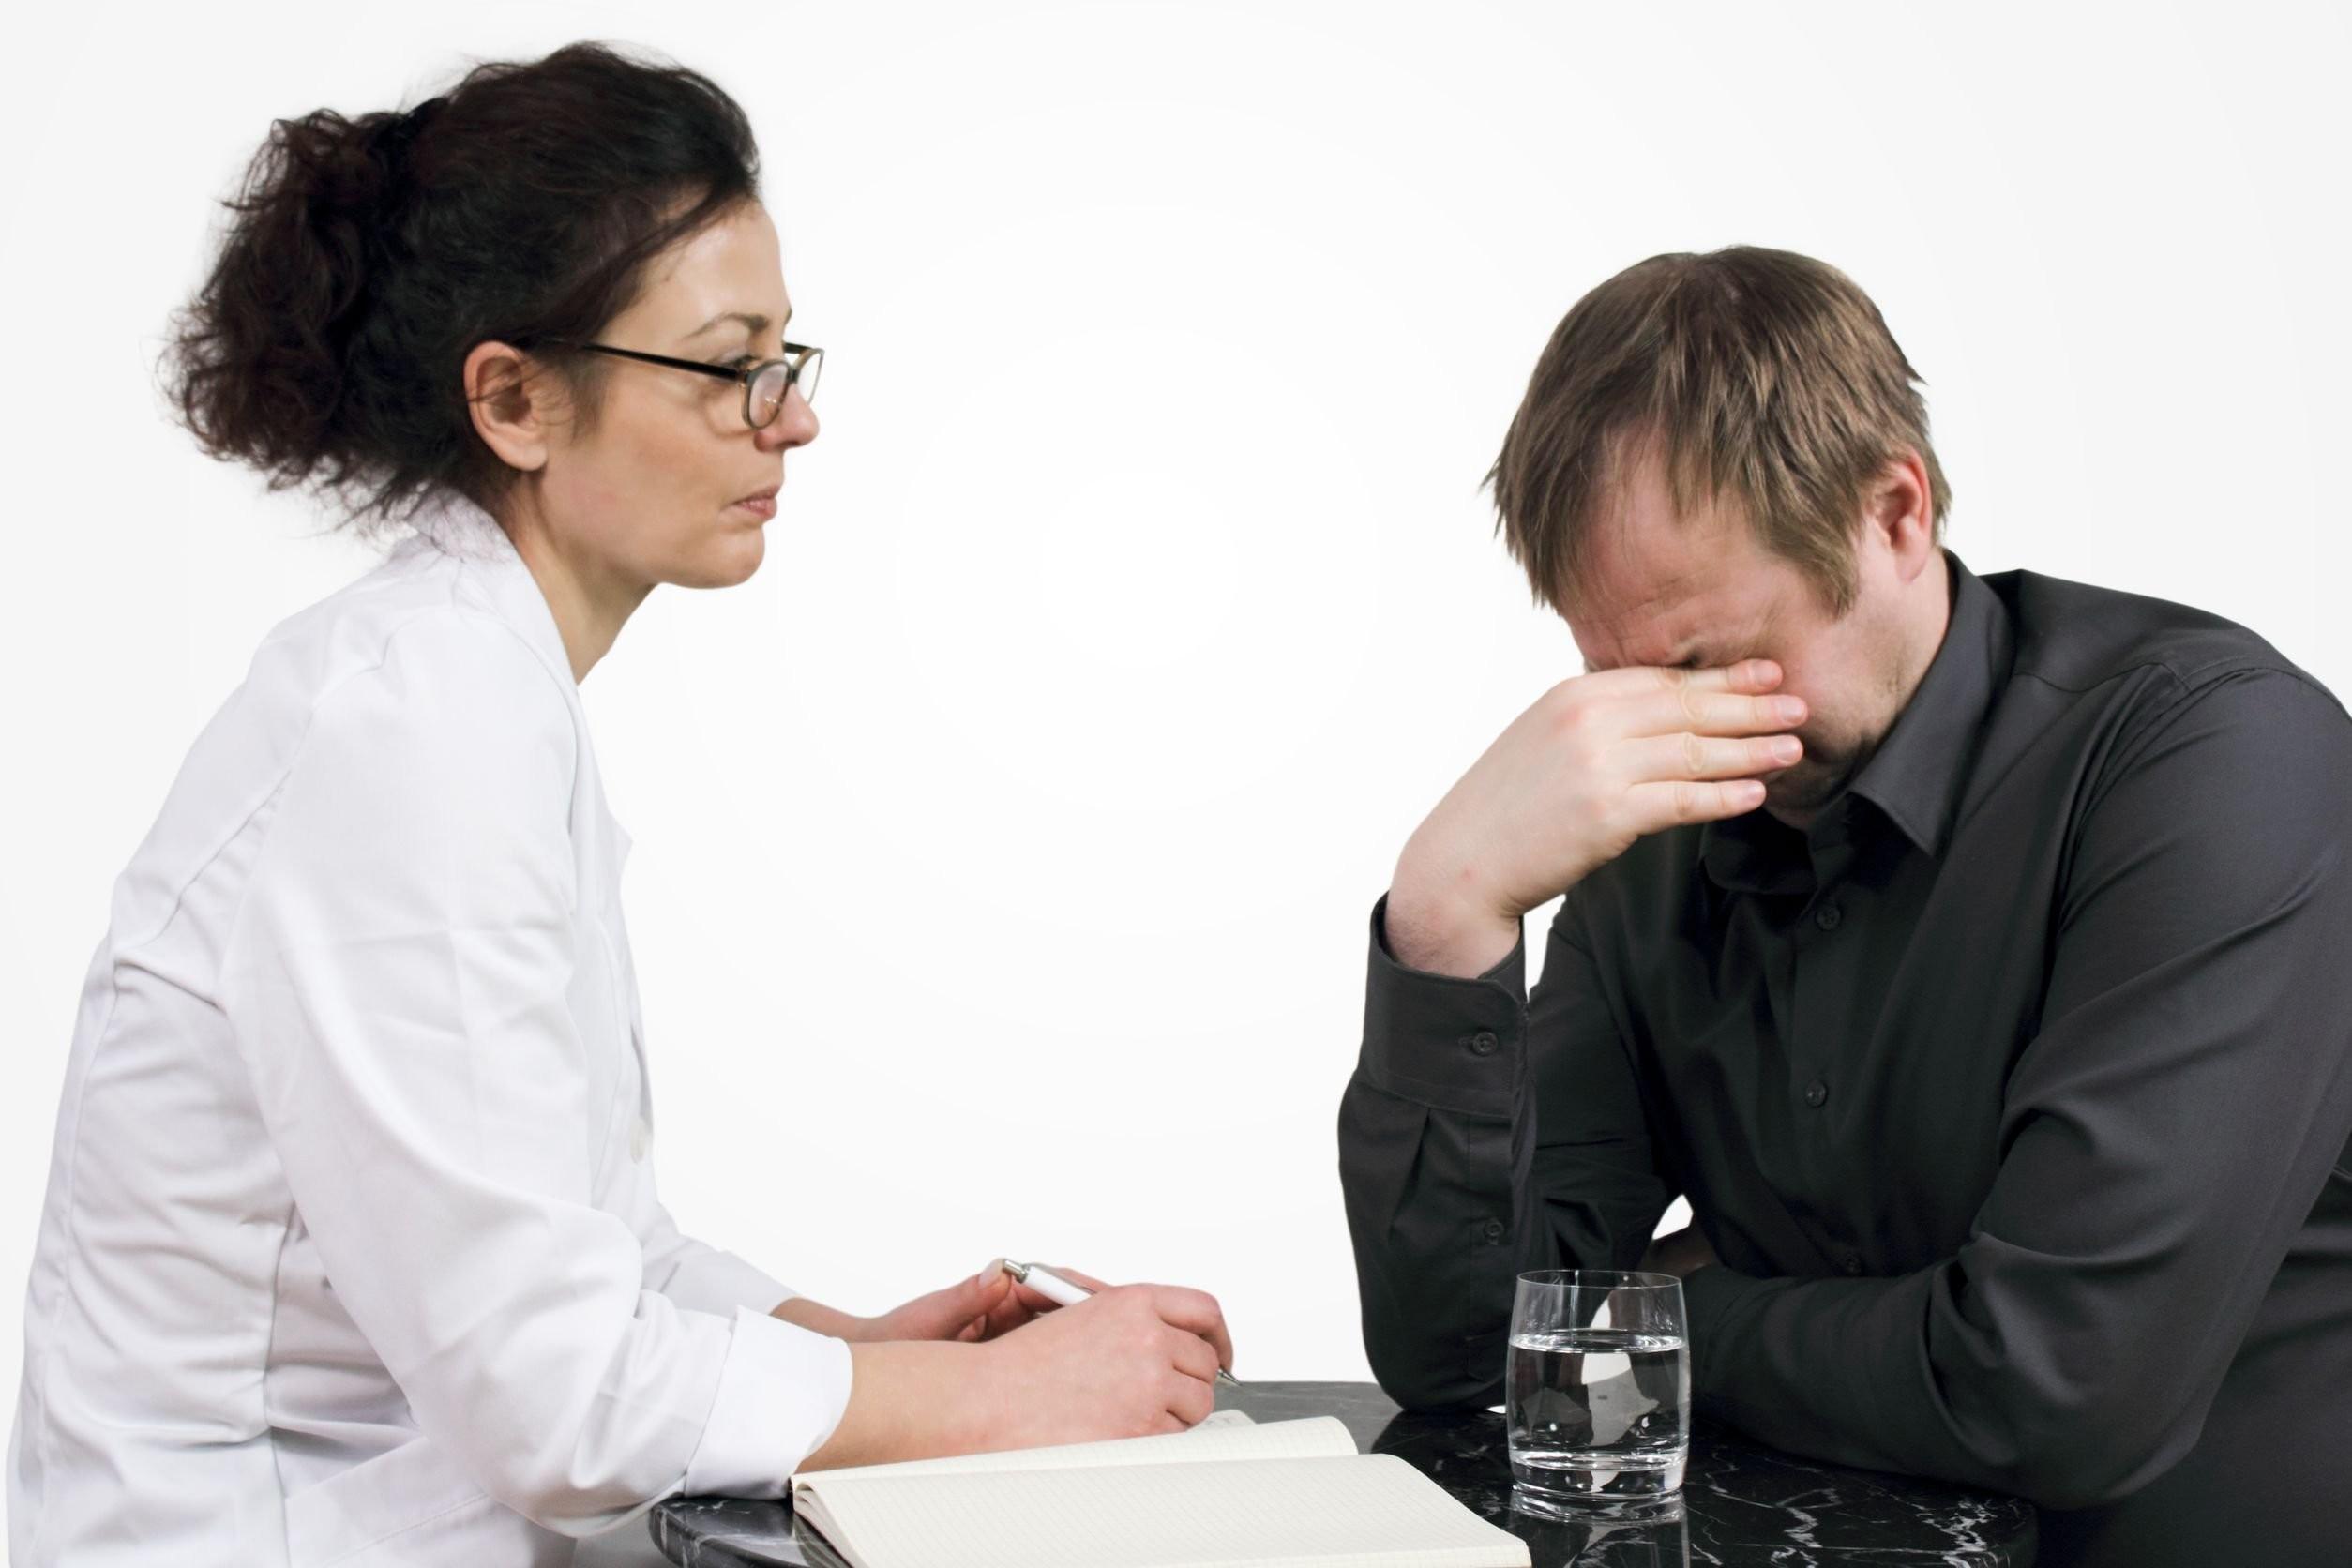 Как избавится от депрессии и навязчивых мыслей самостоятельно в домашних условиях, как преодолеть и побороть депрессивное состояние - советы психолога